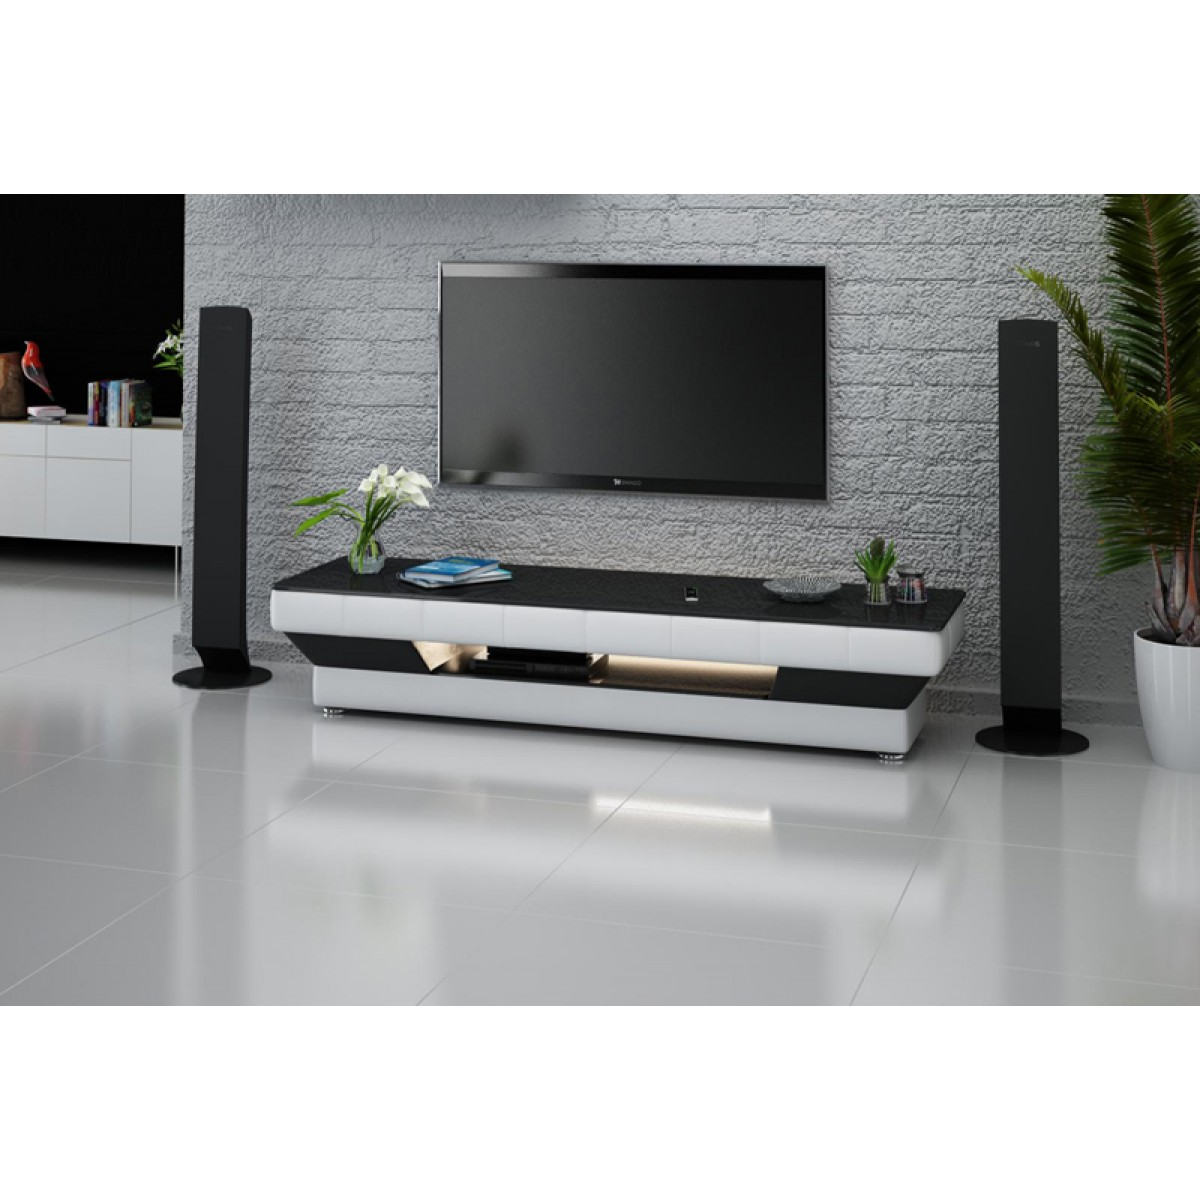 Meuble tv personnalisable california avec clairages pop - Meuble tv avec lumiere ...